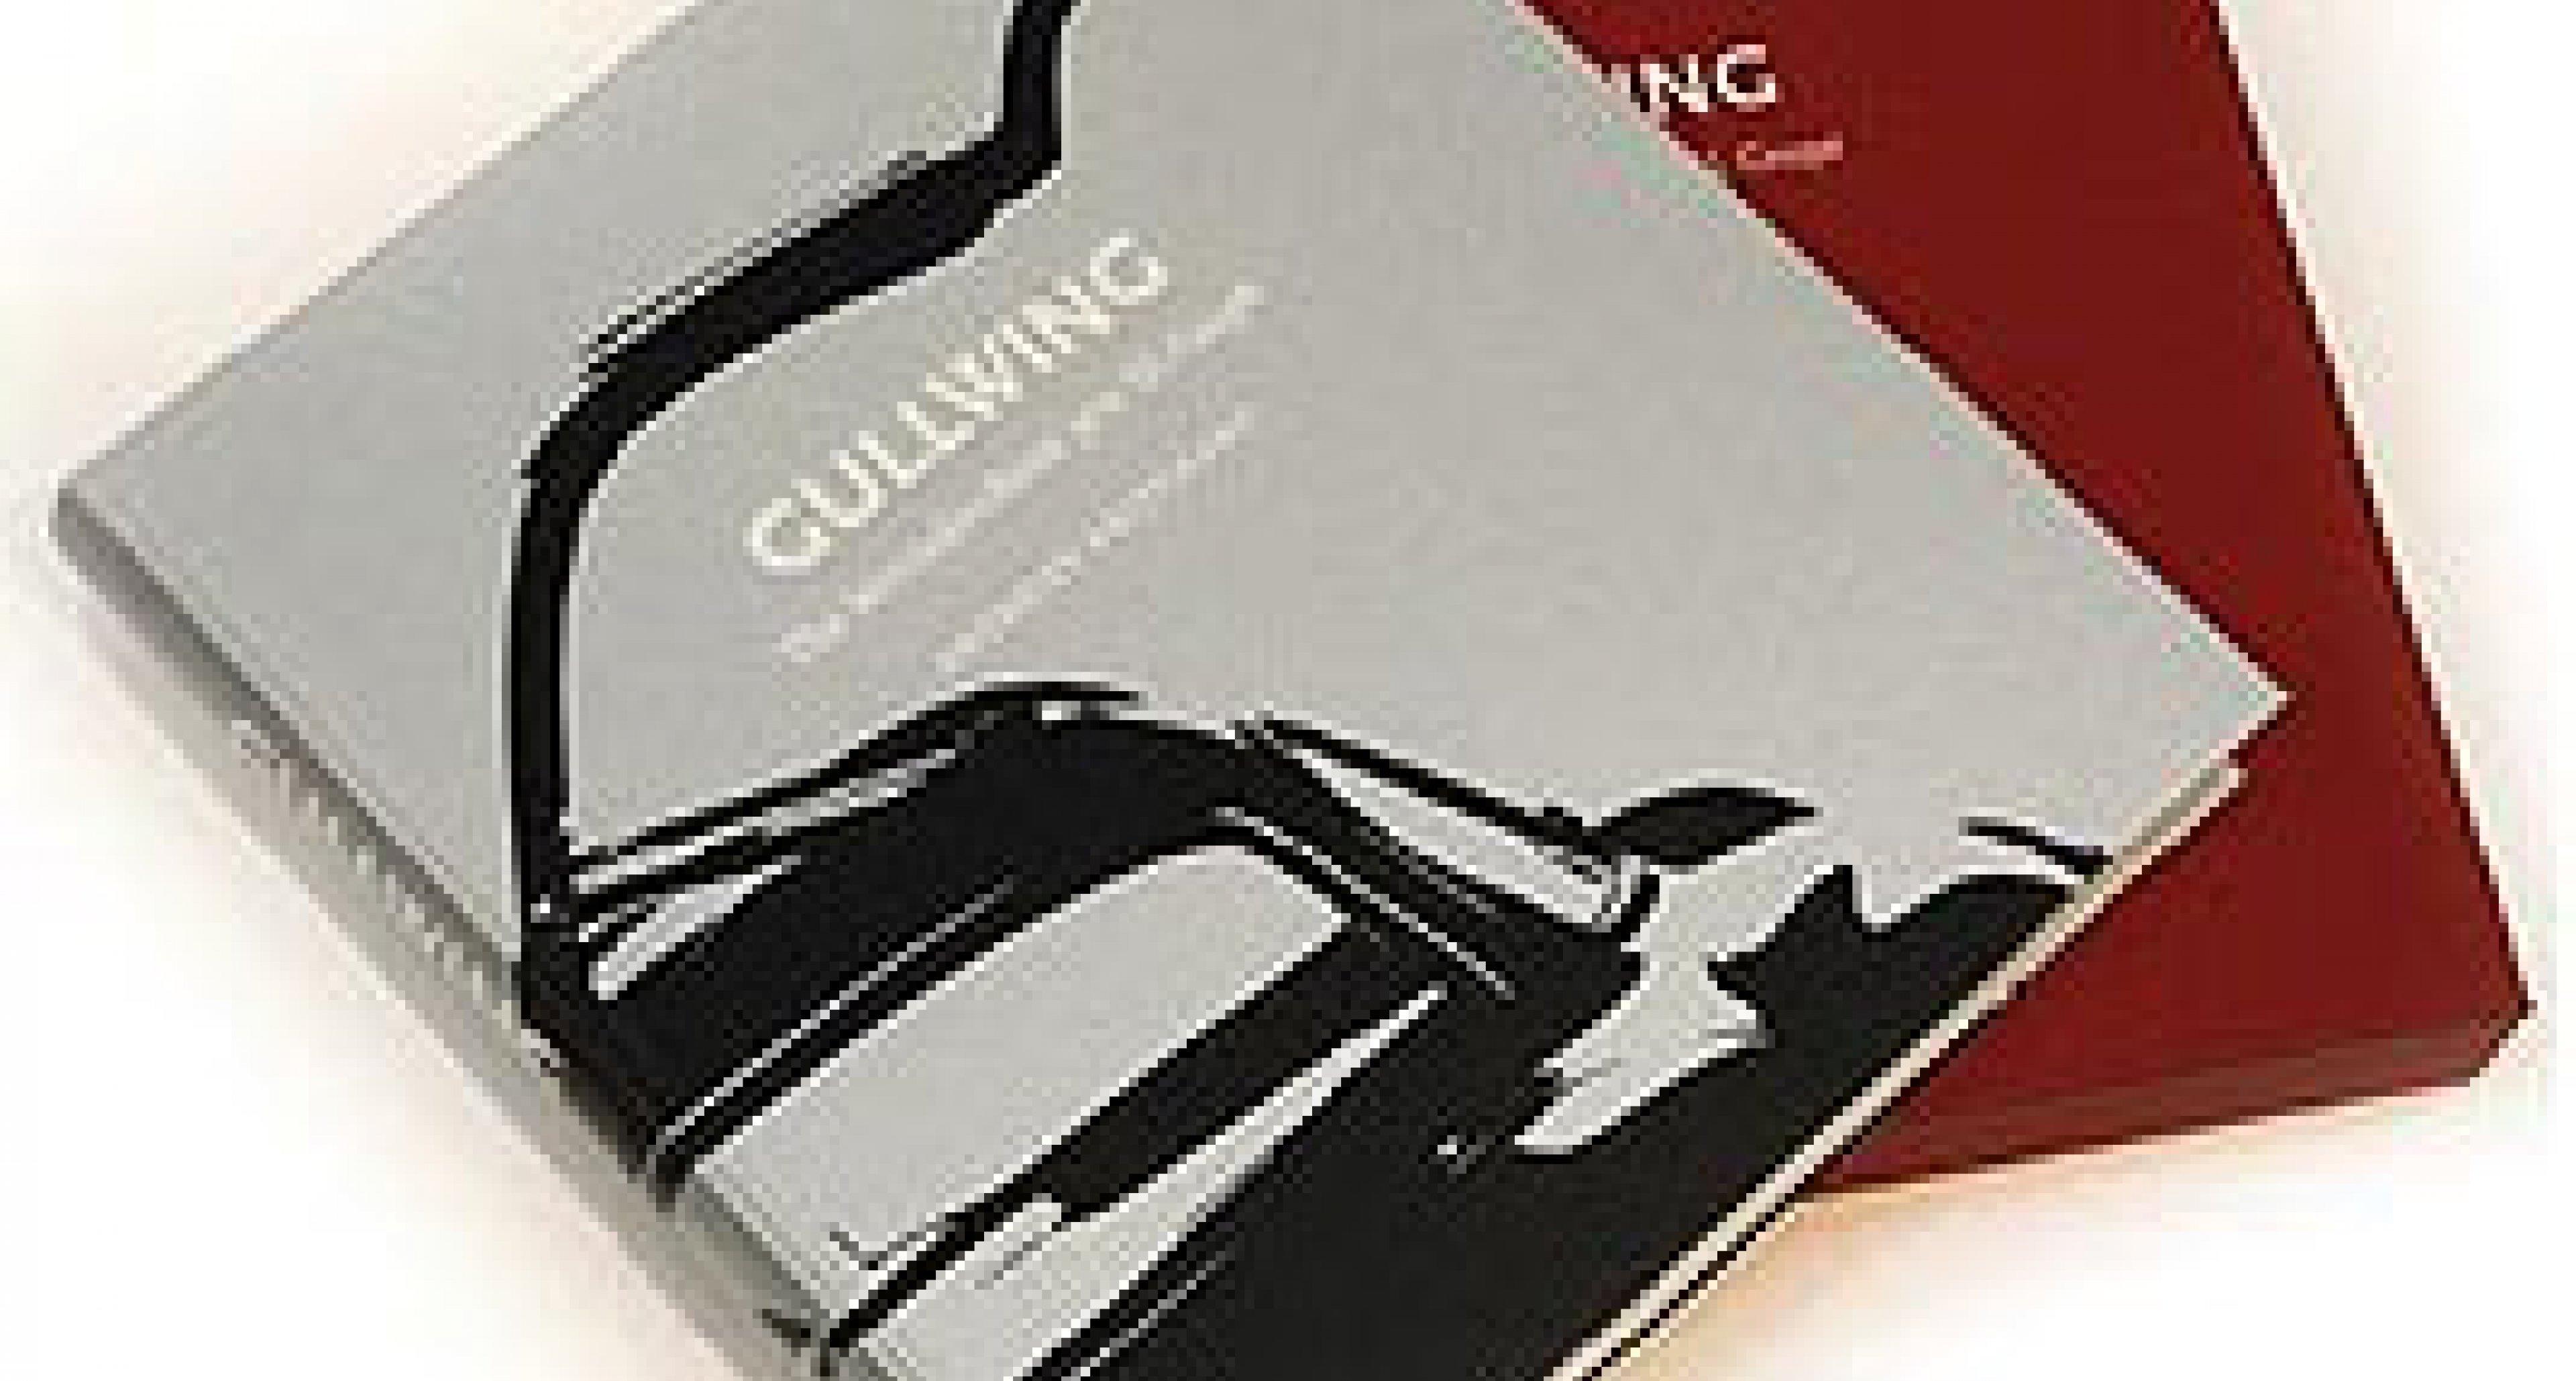 Gullwing: The Mercedes-Benz 300 SL Coupé